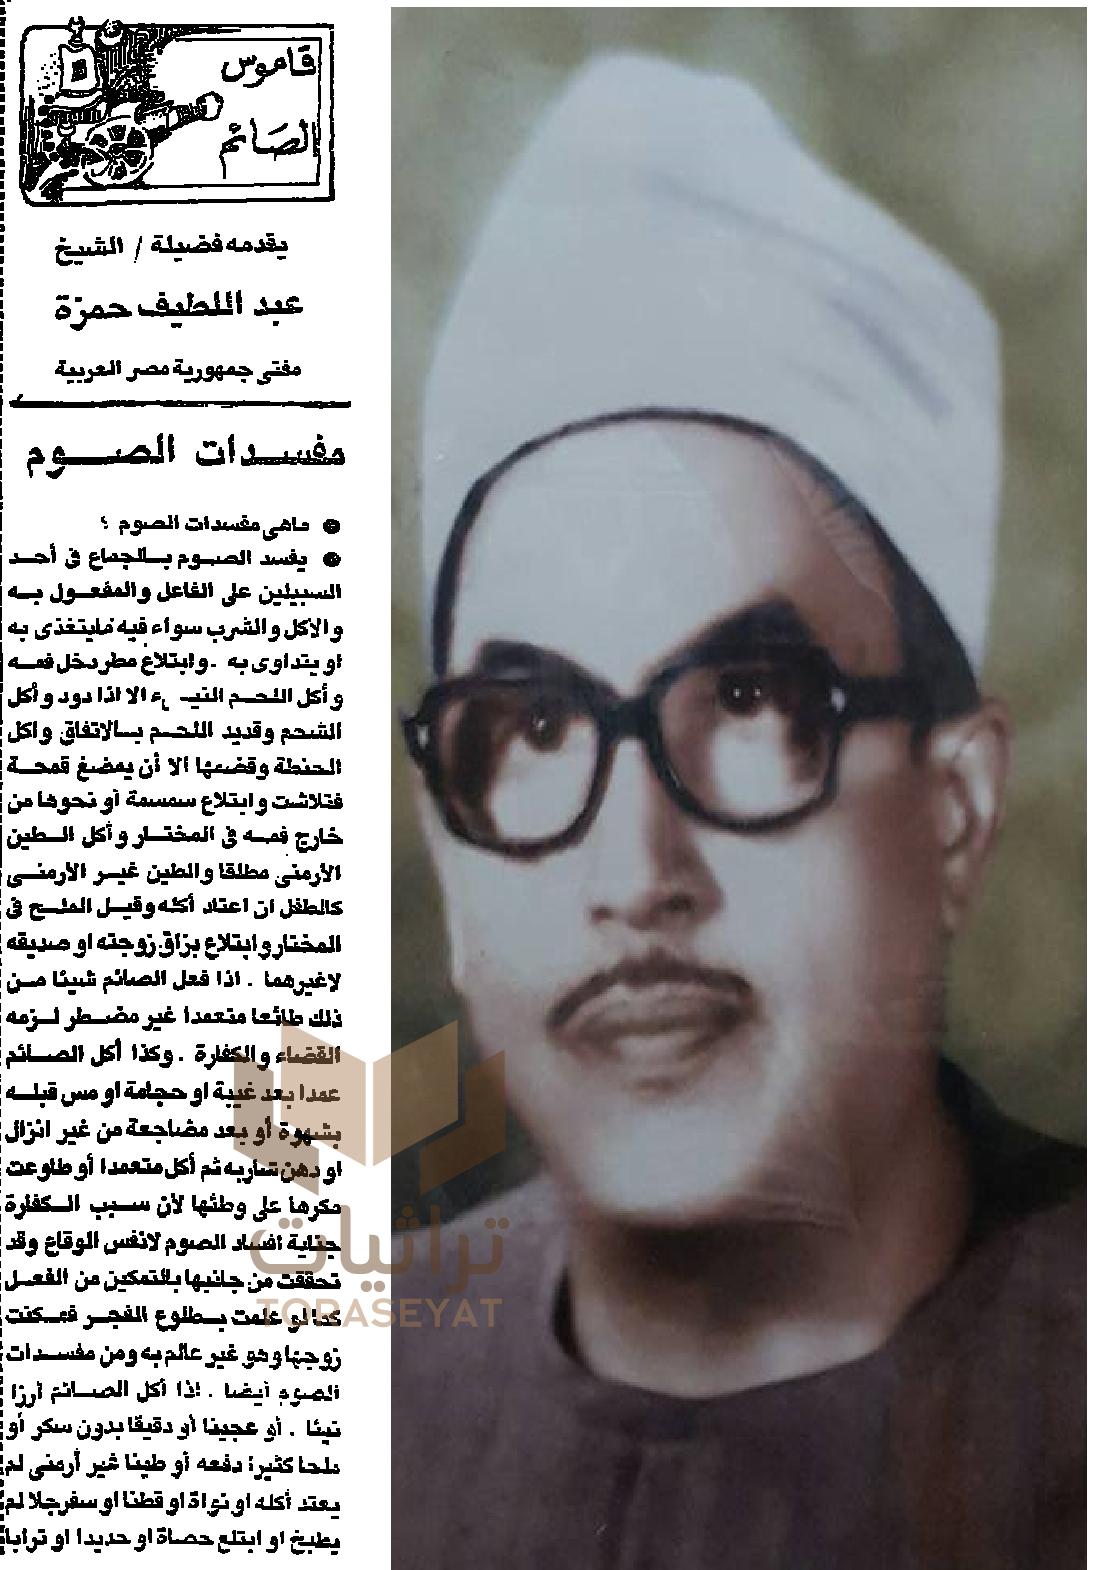 الشيخ عبداللطيف حمزة و فتواه